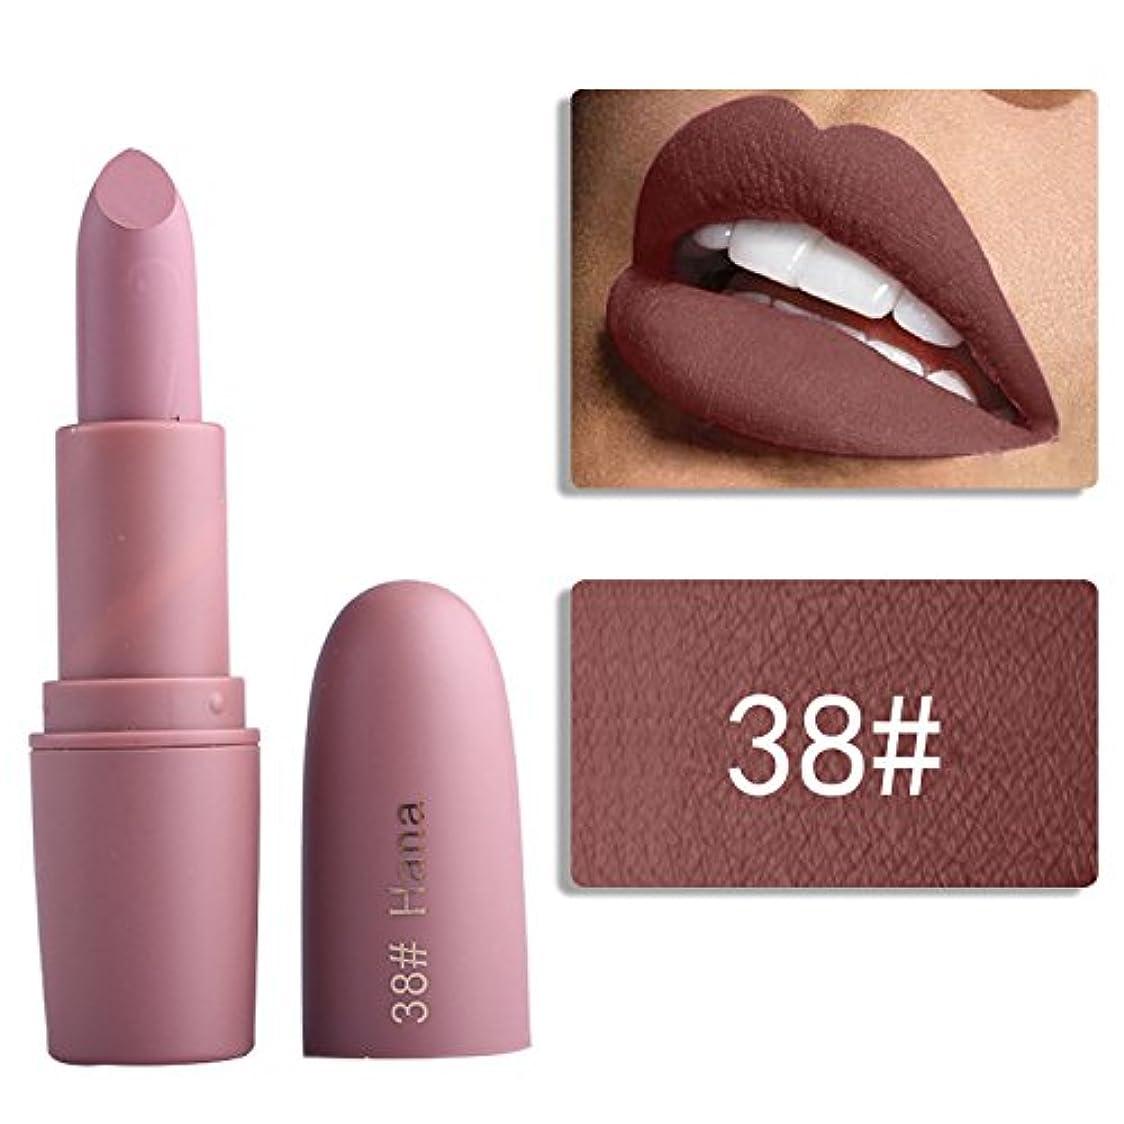 非武装化機動冗談でMiss Rose Nude Lipstick 22 colors Waterproof Vampire Brown Beauty Baby Lips Batom Matte lipstick Makeup Tats Eugenie Margherita